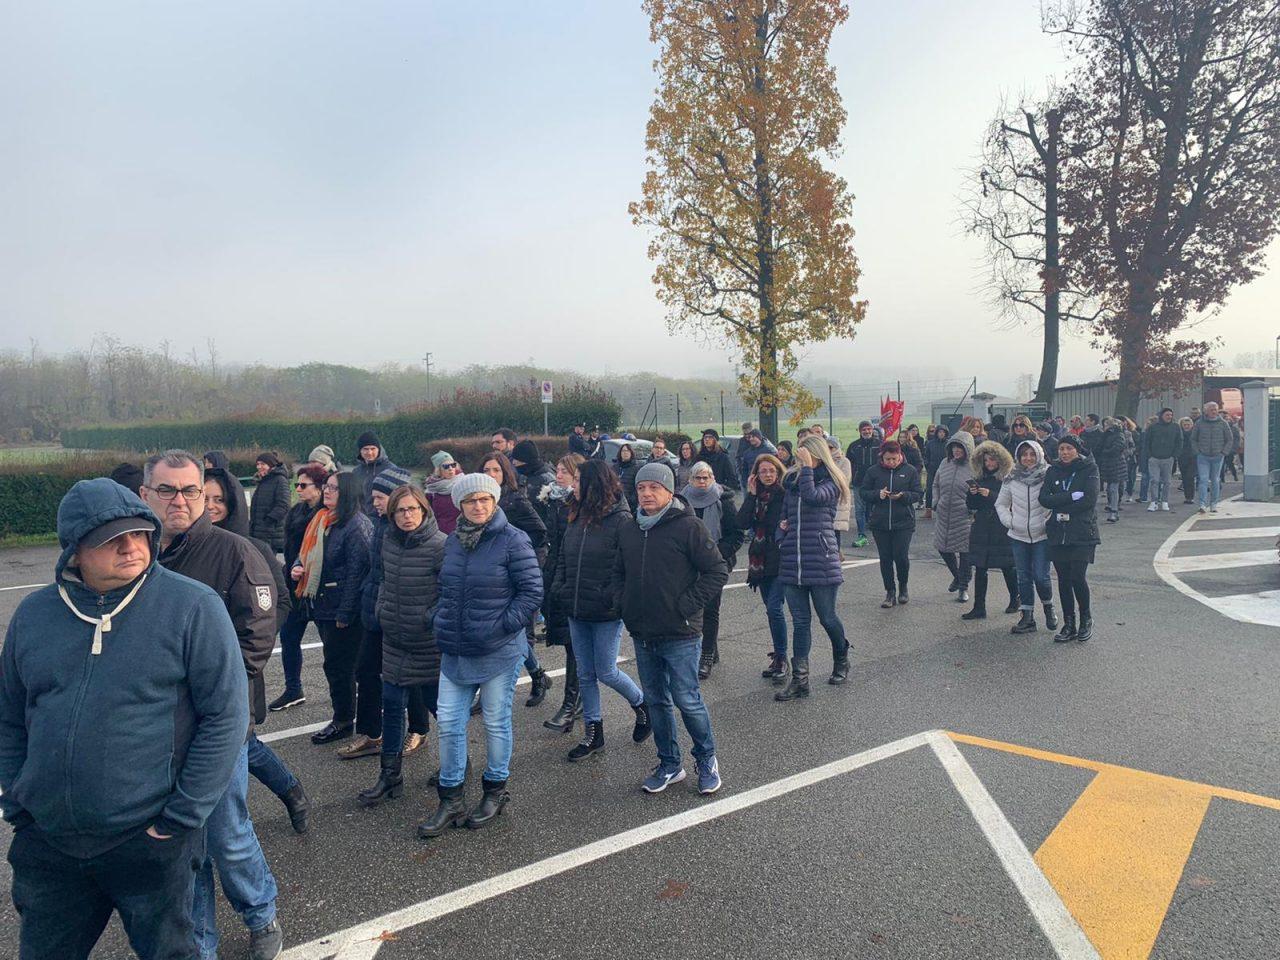 Crisi LivaNova, lavoratori in sciopero per la fumata nera a Confindustria ieri, mercoledì 27 novembre 2019. L